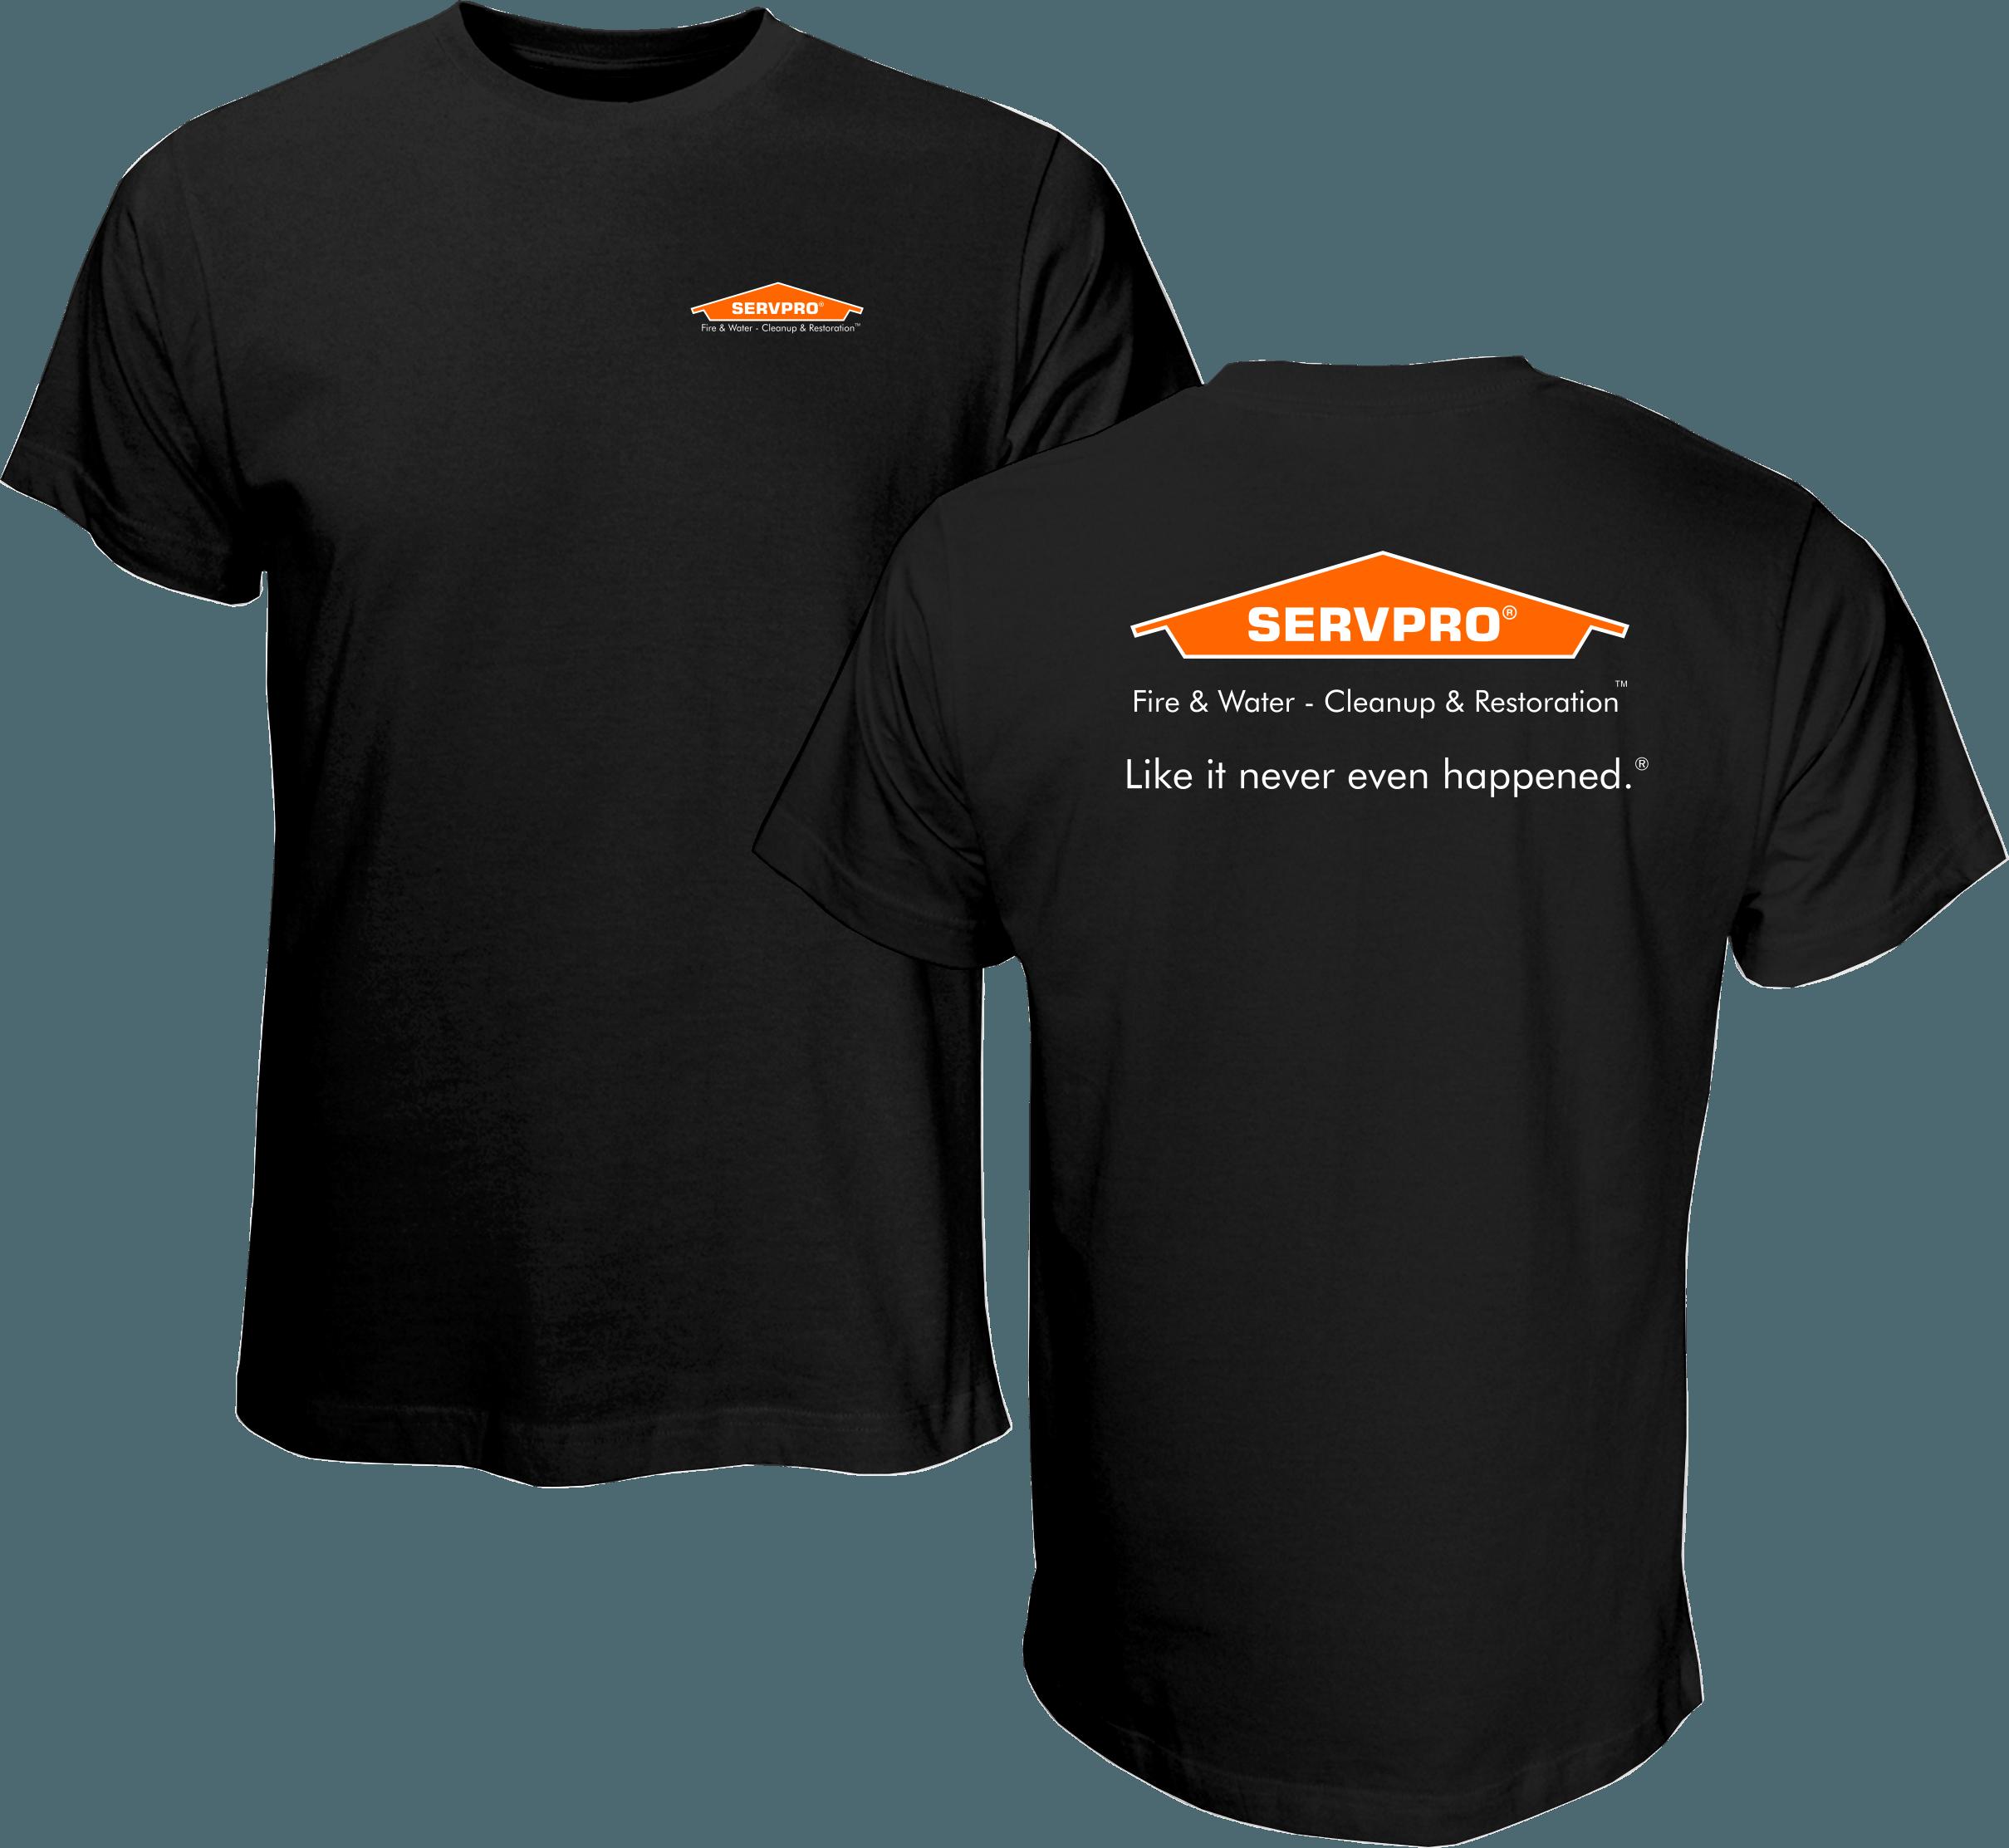 Hero Ready Gear Temp T-shirt-servproperfectfit